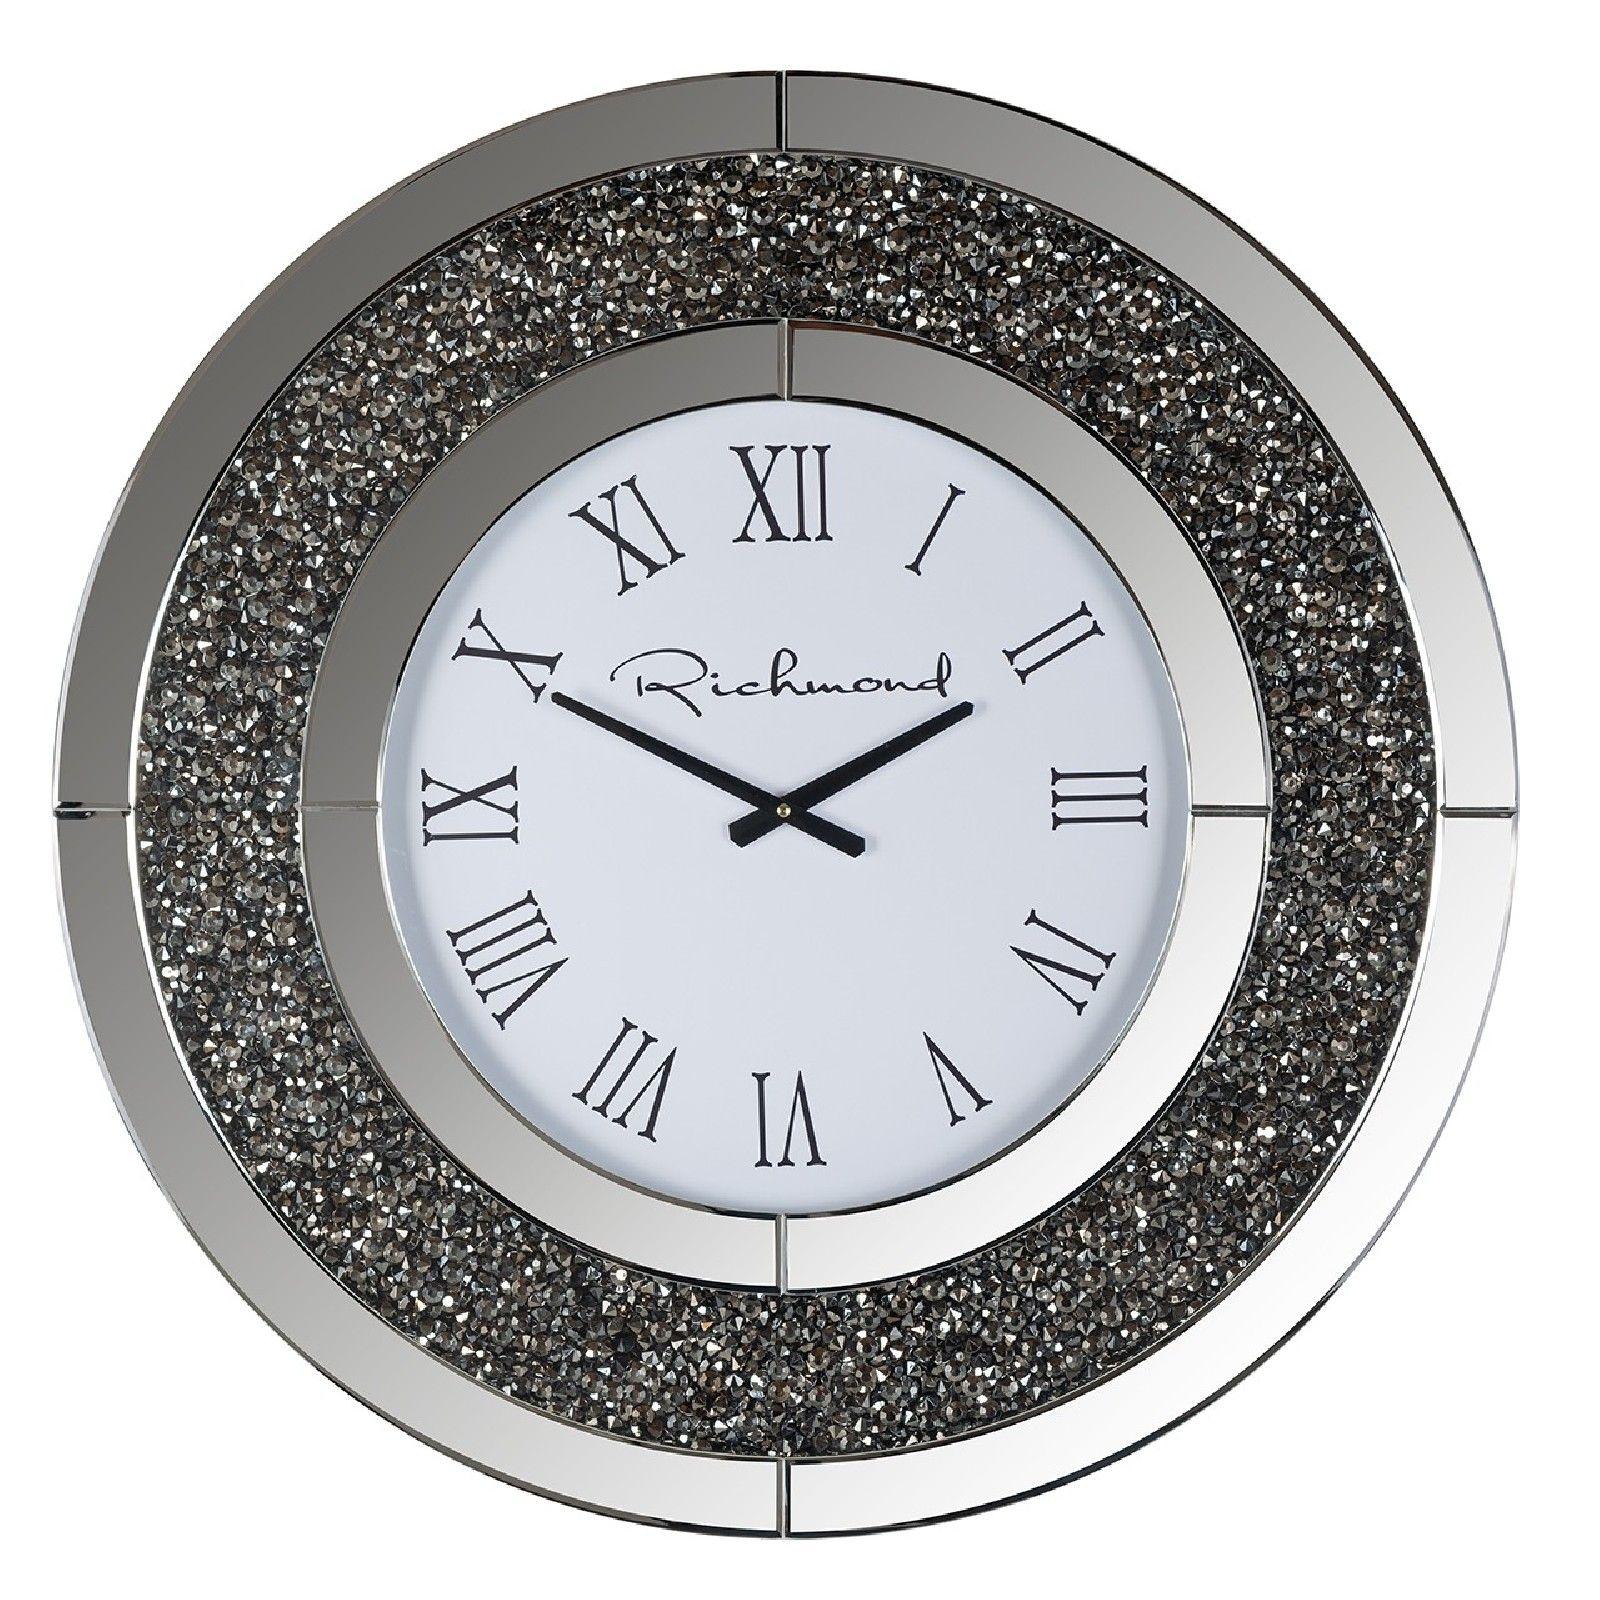 Horloge Chasin rond avec paillettes Horloges murales - 18